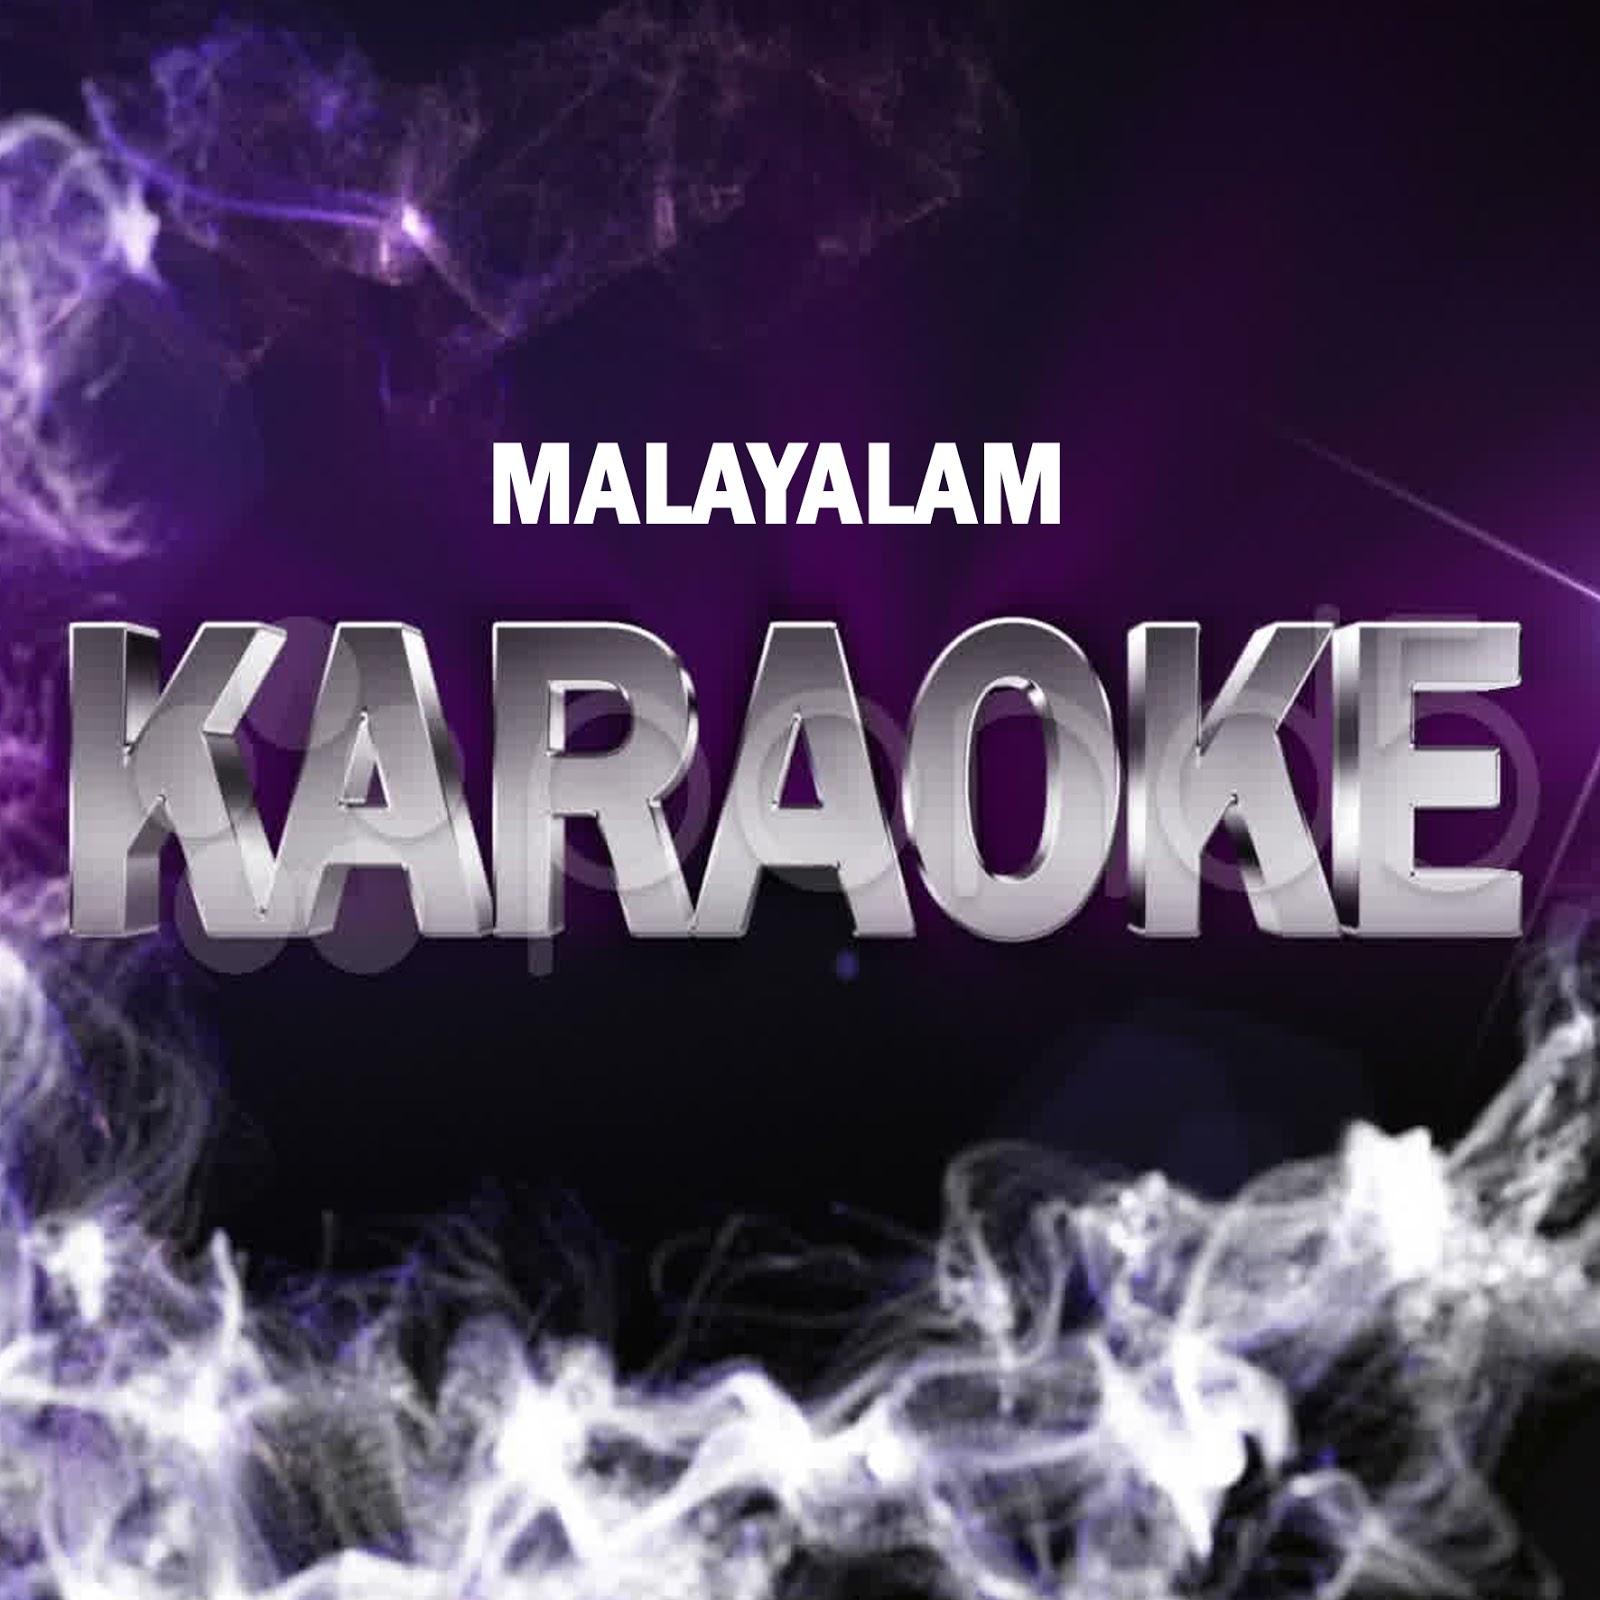 chembavu punnellin karaoke